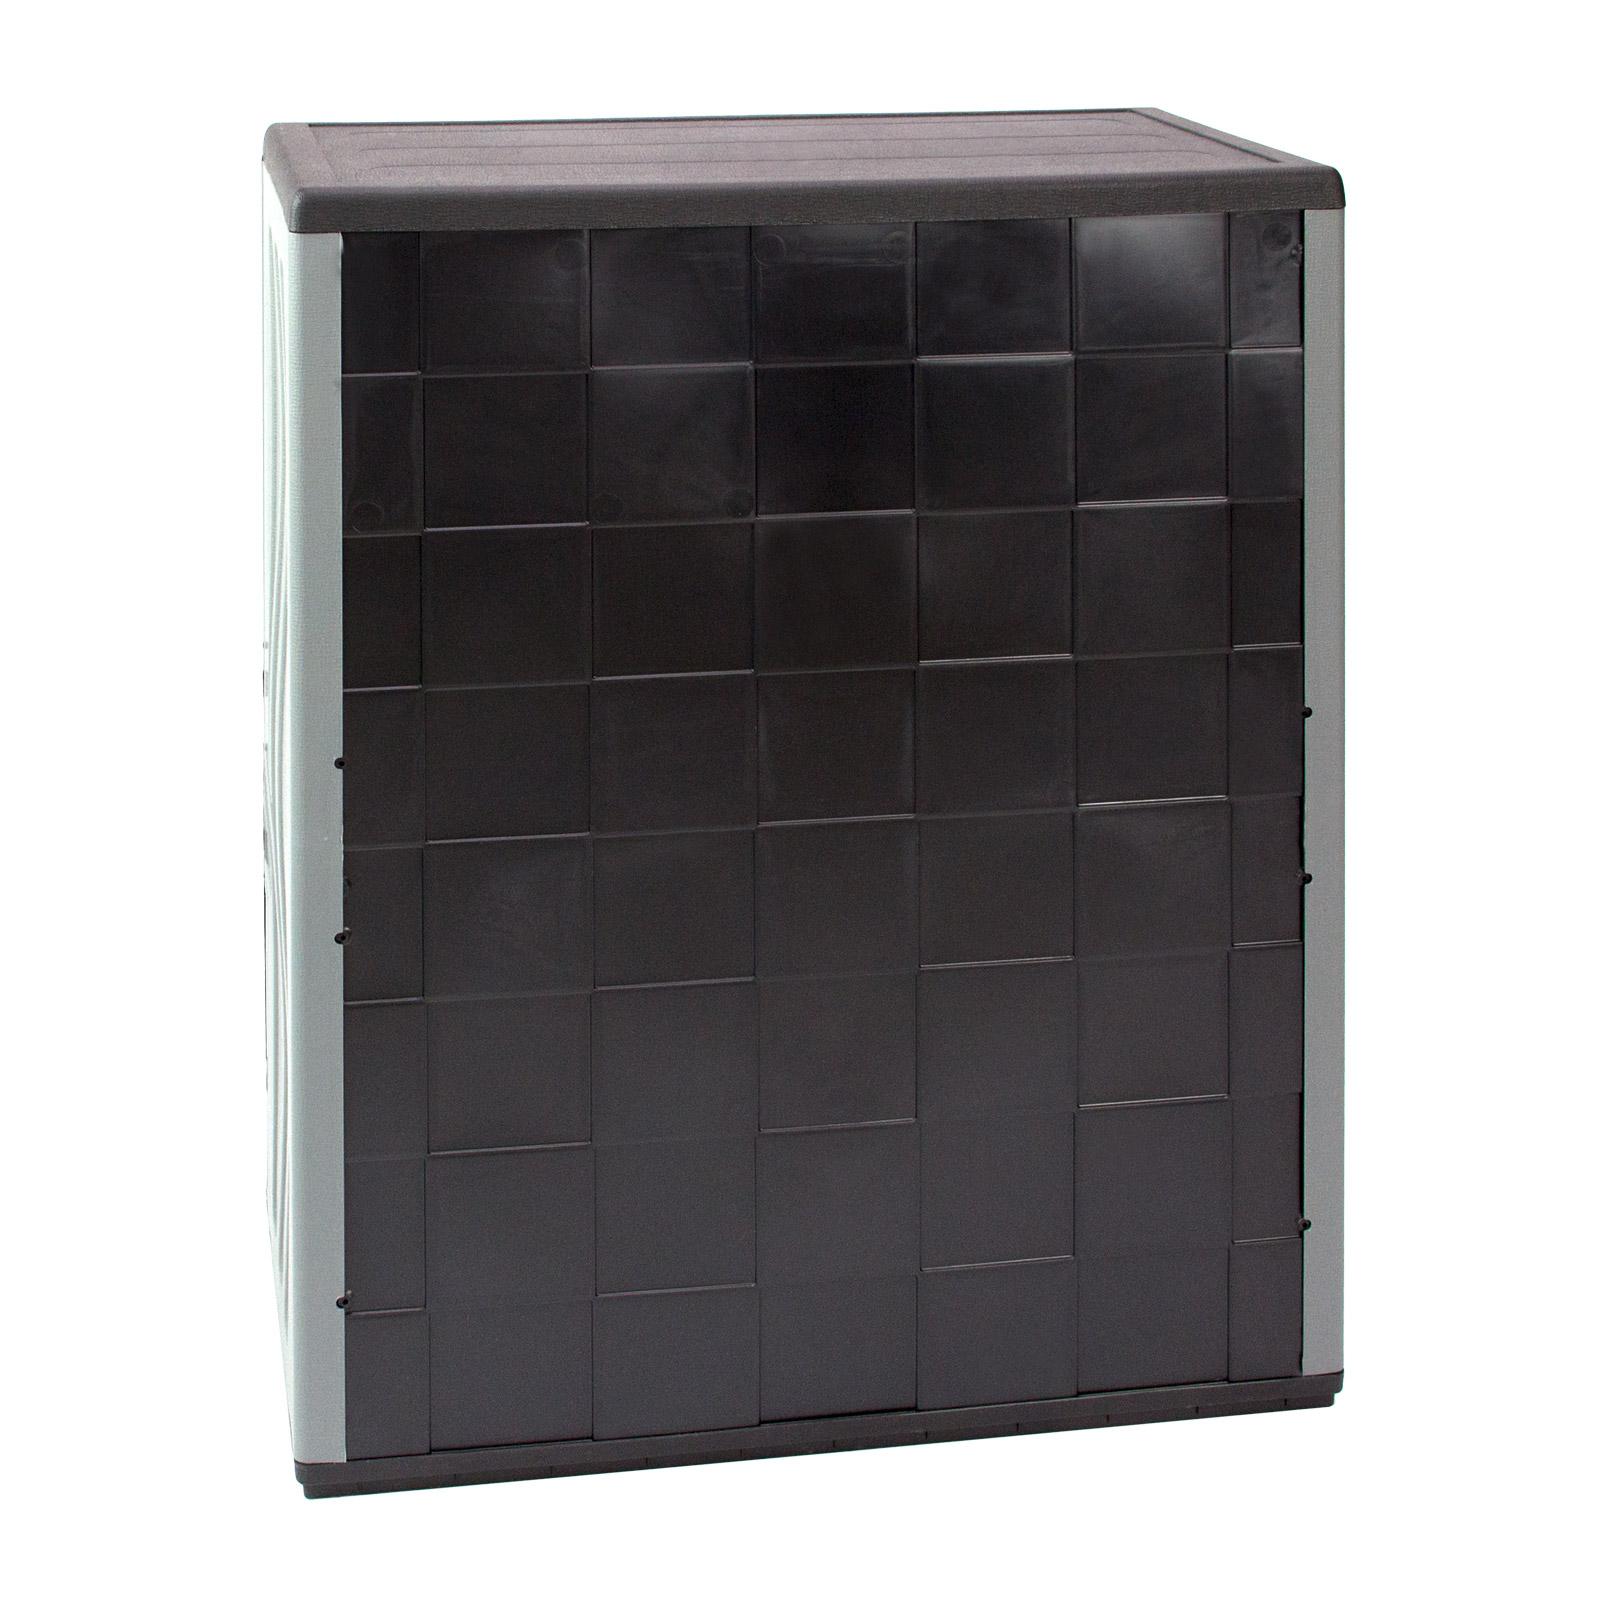 kunststoff schrank kellerschrank spind kunststoffschrank ger teschrank 10064 ebay. Black Bedroom Furniture Sets. Home Design Ideas